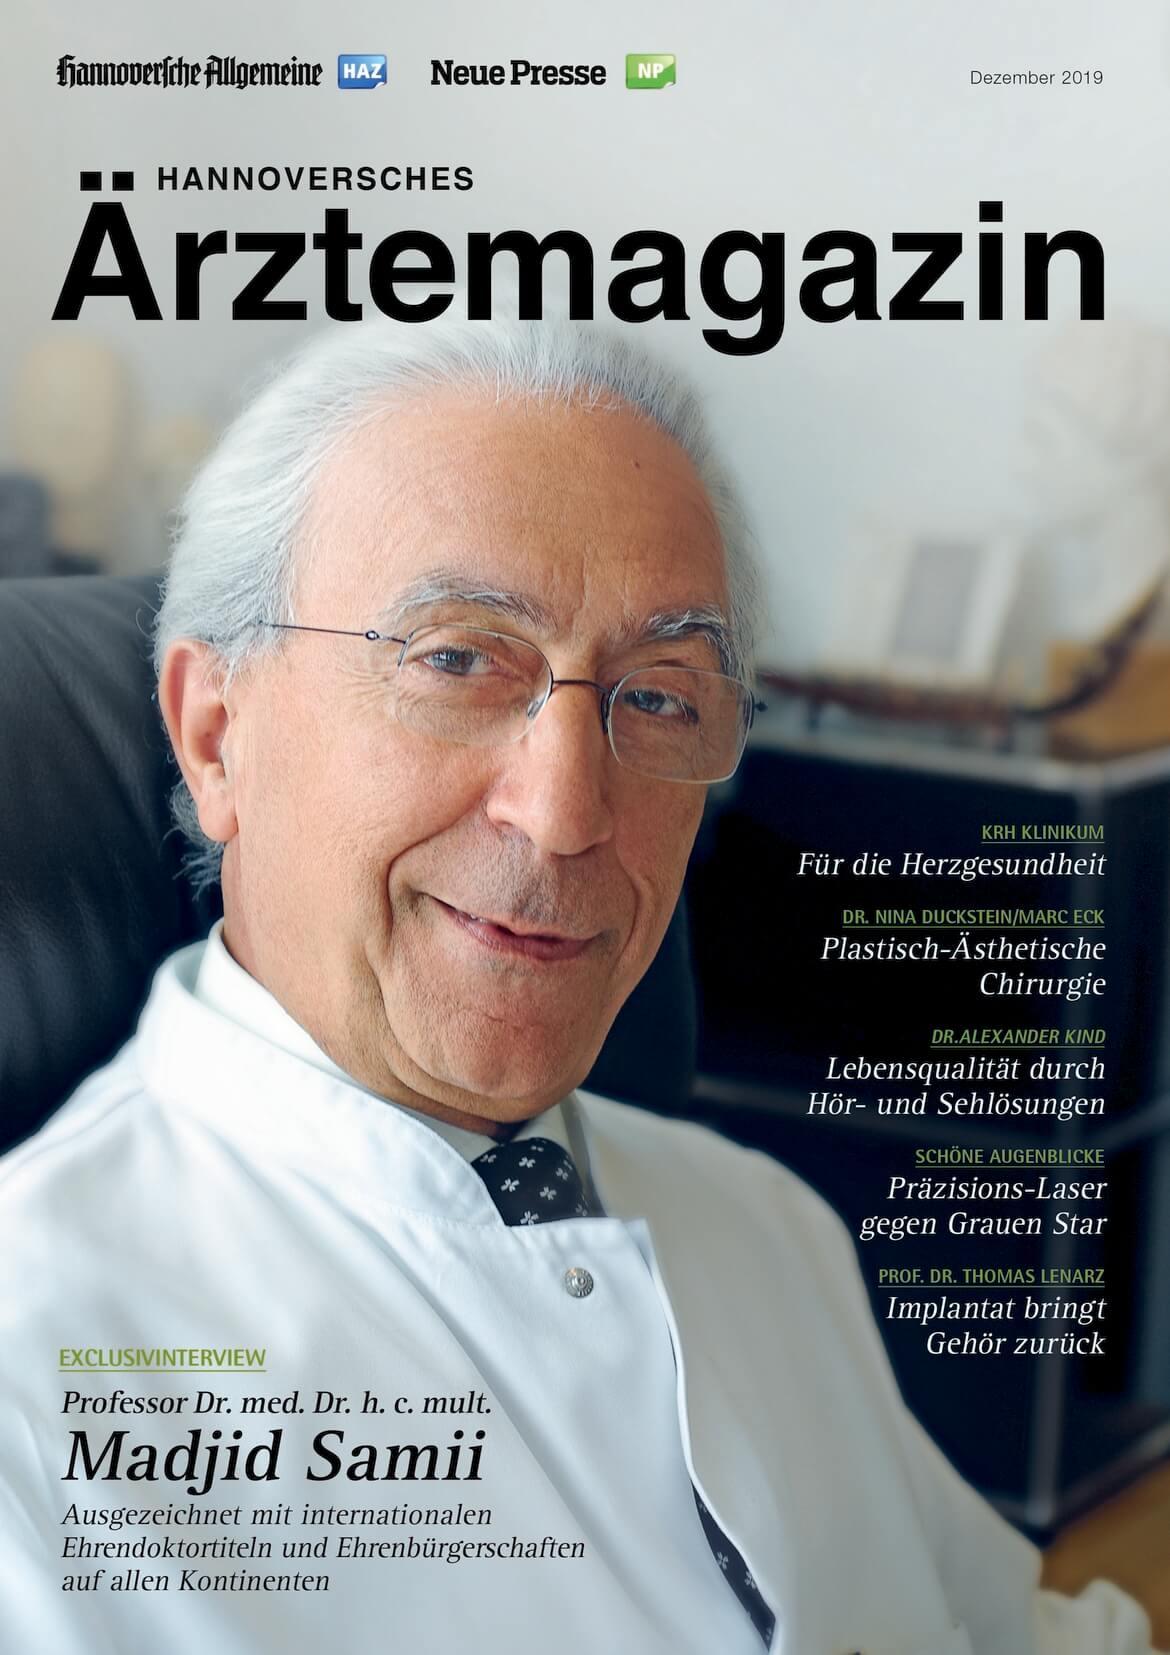 Hannoversches Ärztemagazin Ausgabe Dezember 2019 erschienen